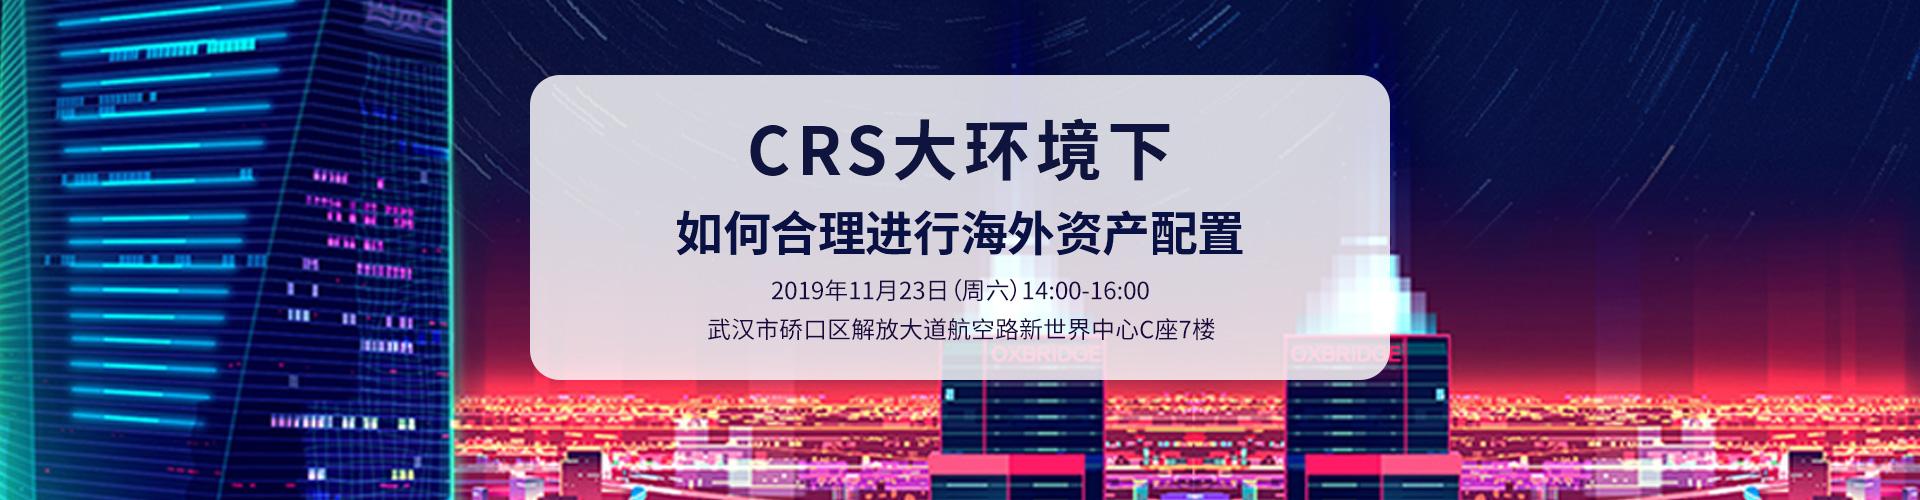 【武汉】CRS大环境下,如何合理进行海外资产配置?